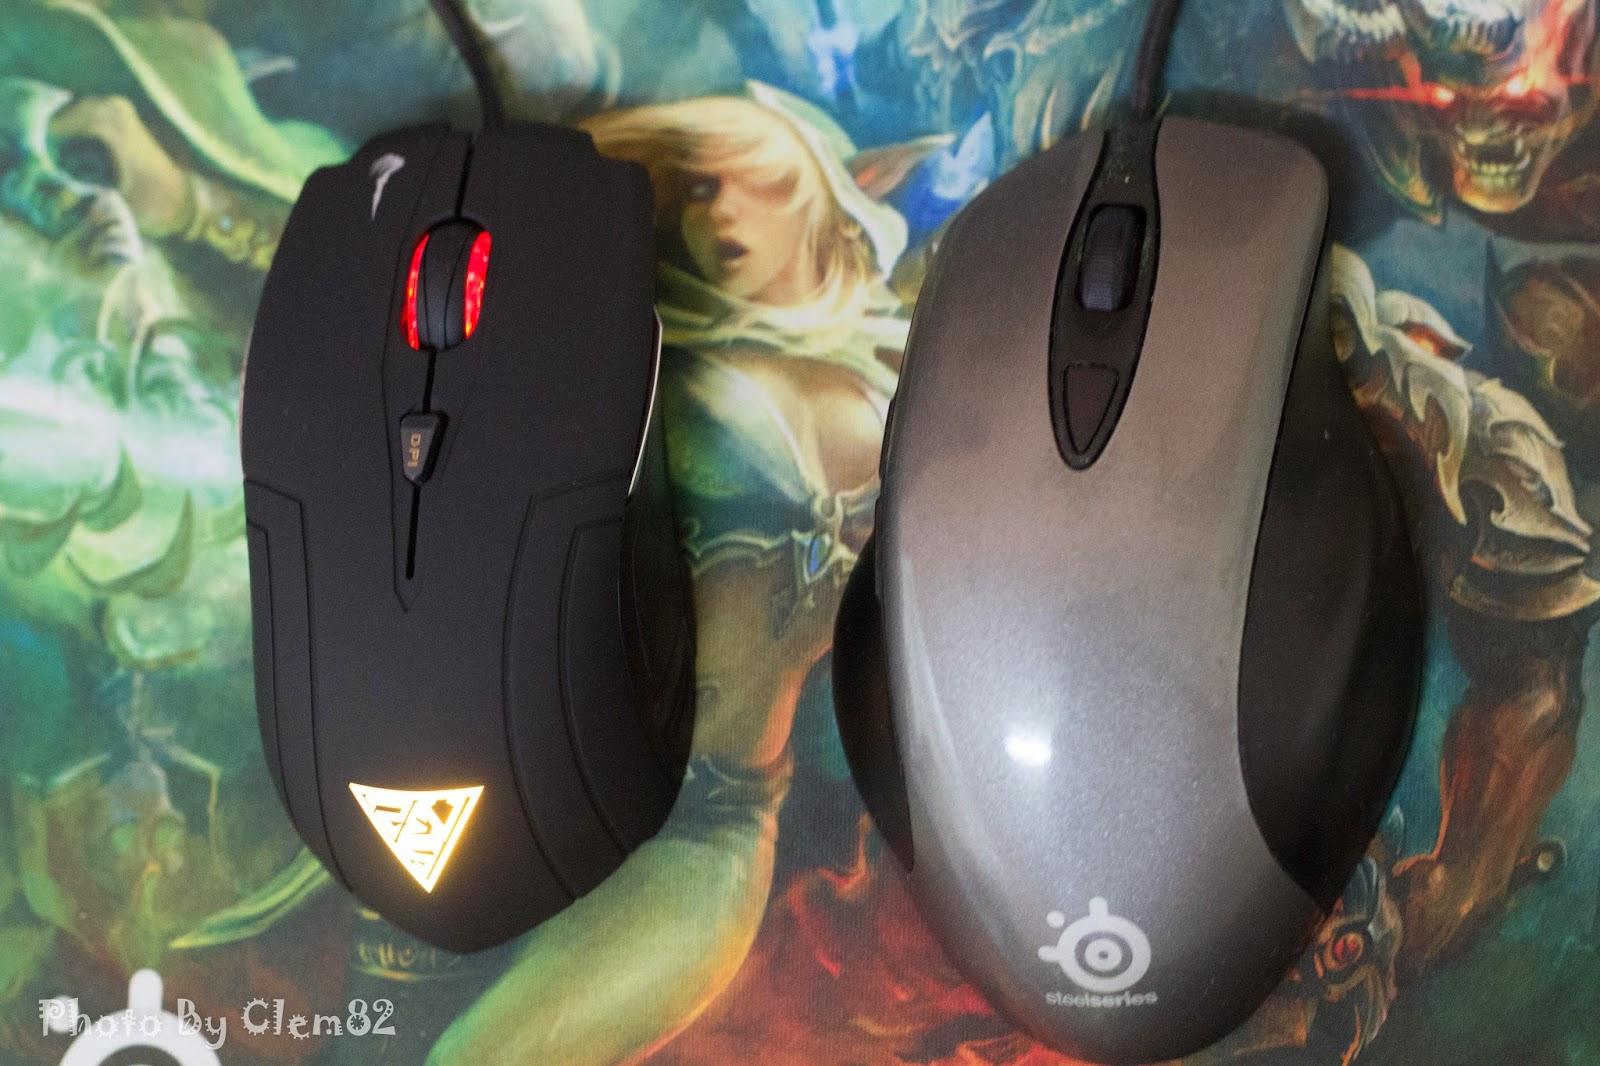 Gamdias Demeter Optical Gaming Mouse 9